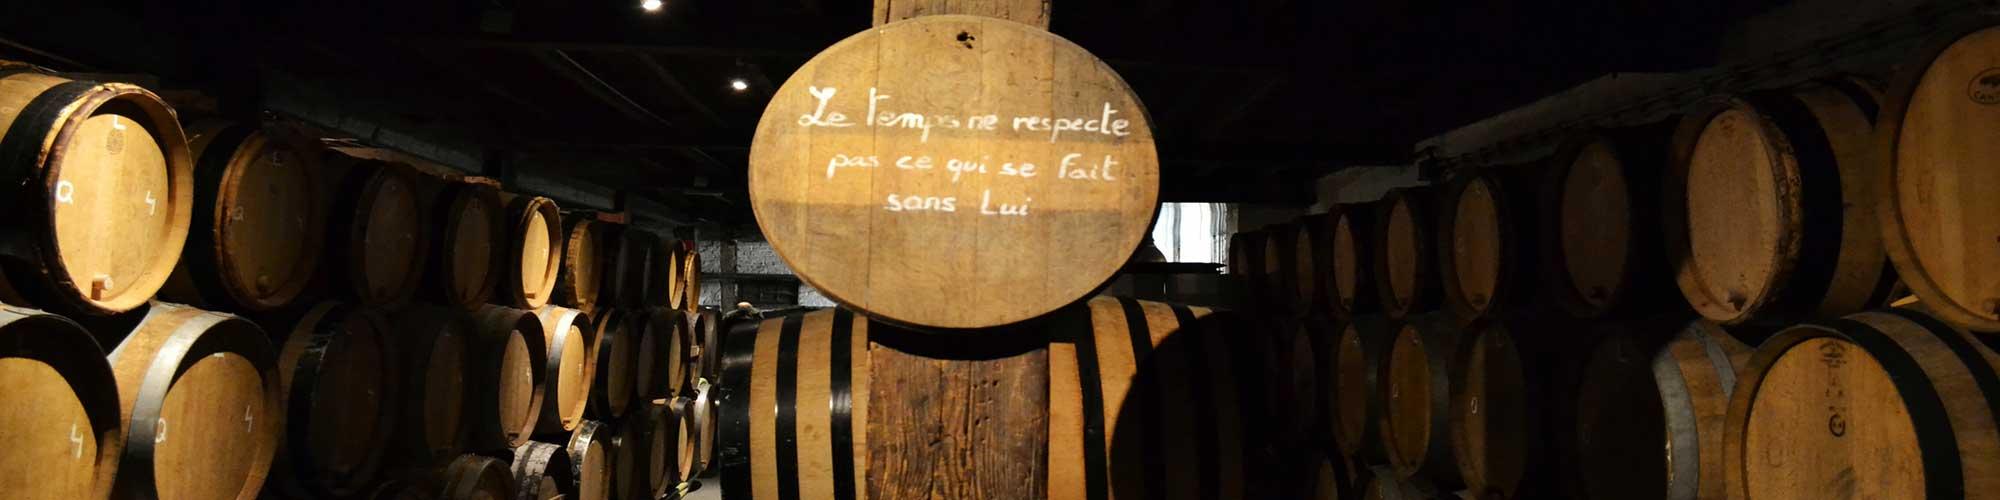 Ruta de la cerveza en Bélgica - EL PAÍS Viajes